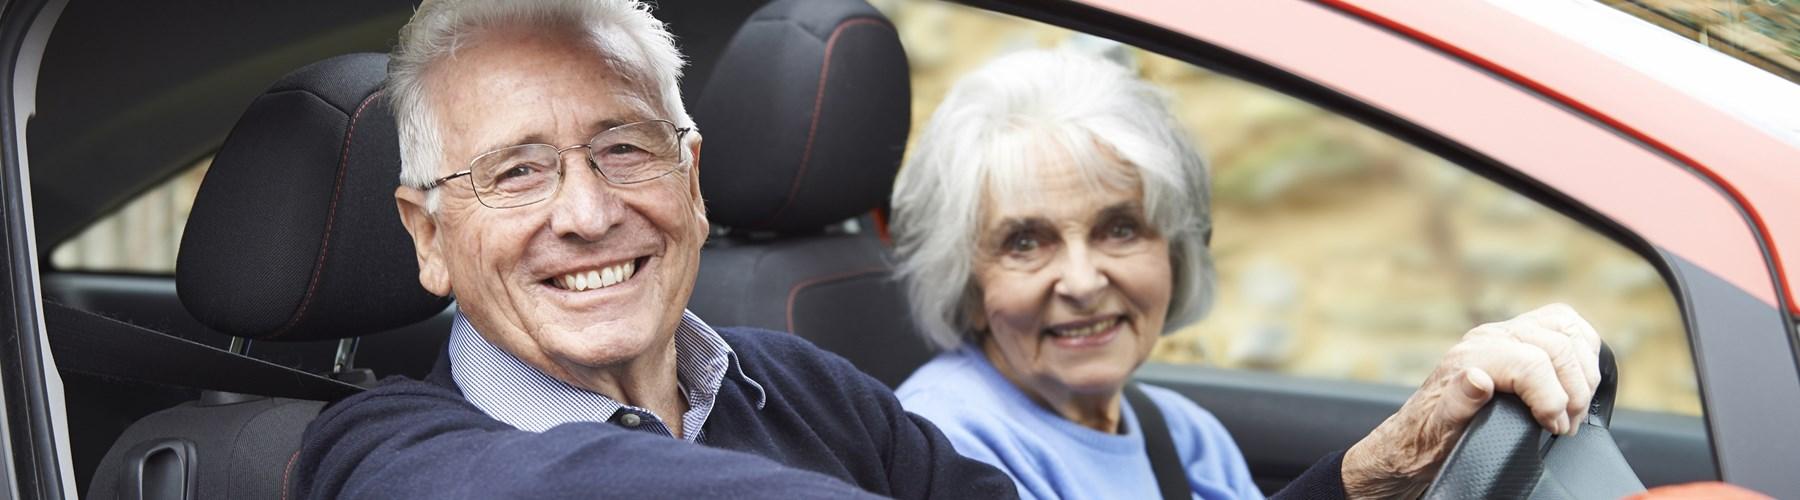 Older couple in an orange car